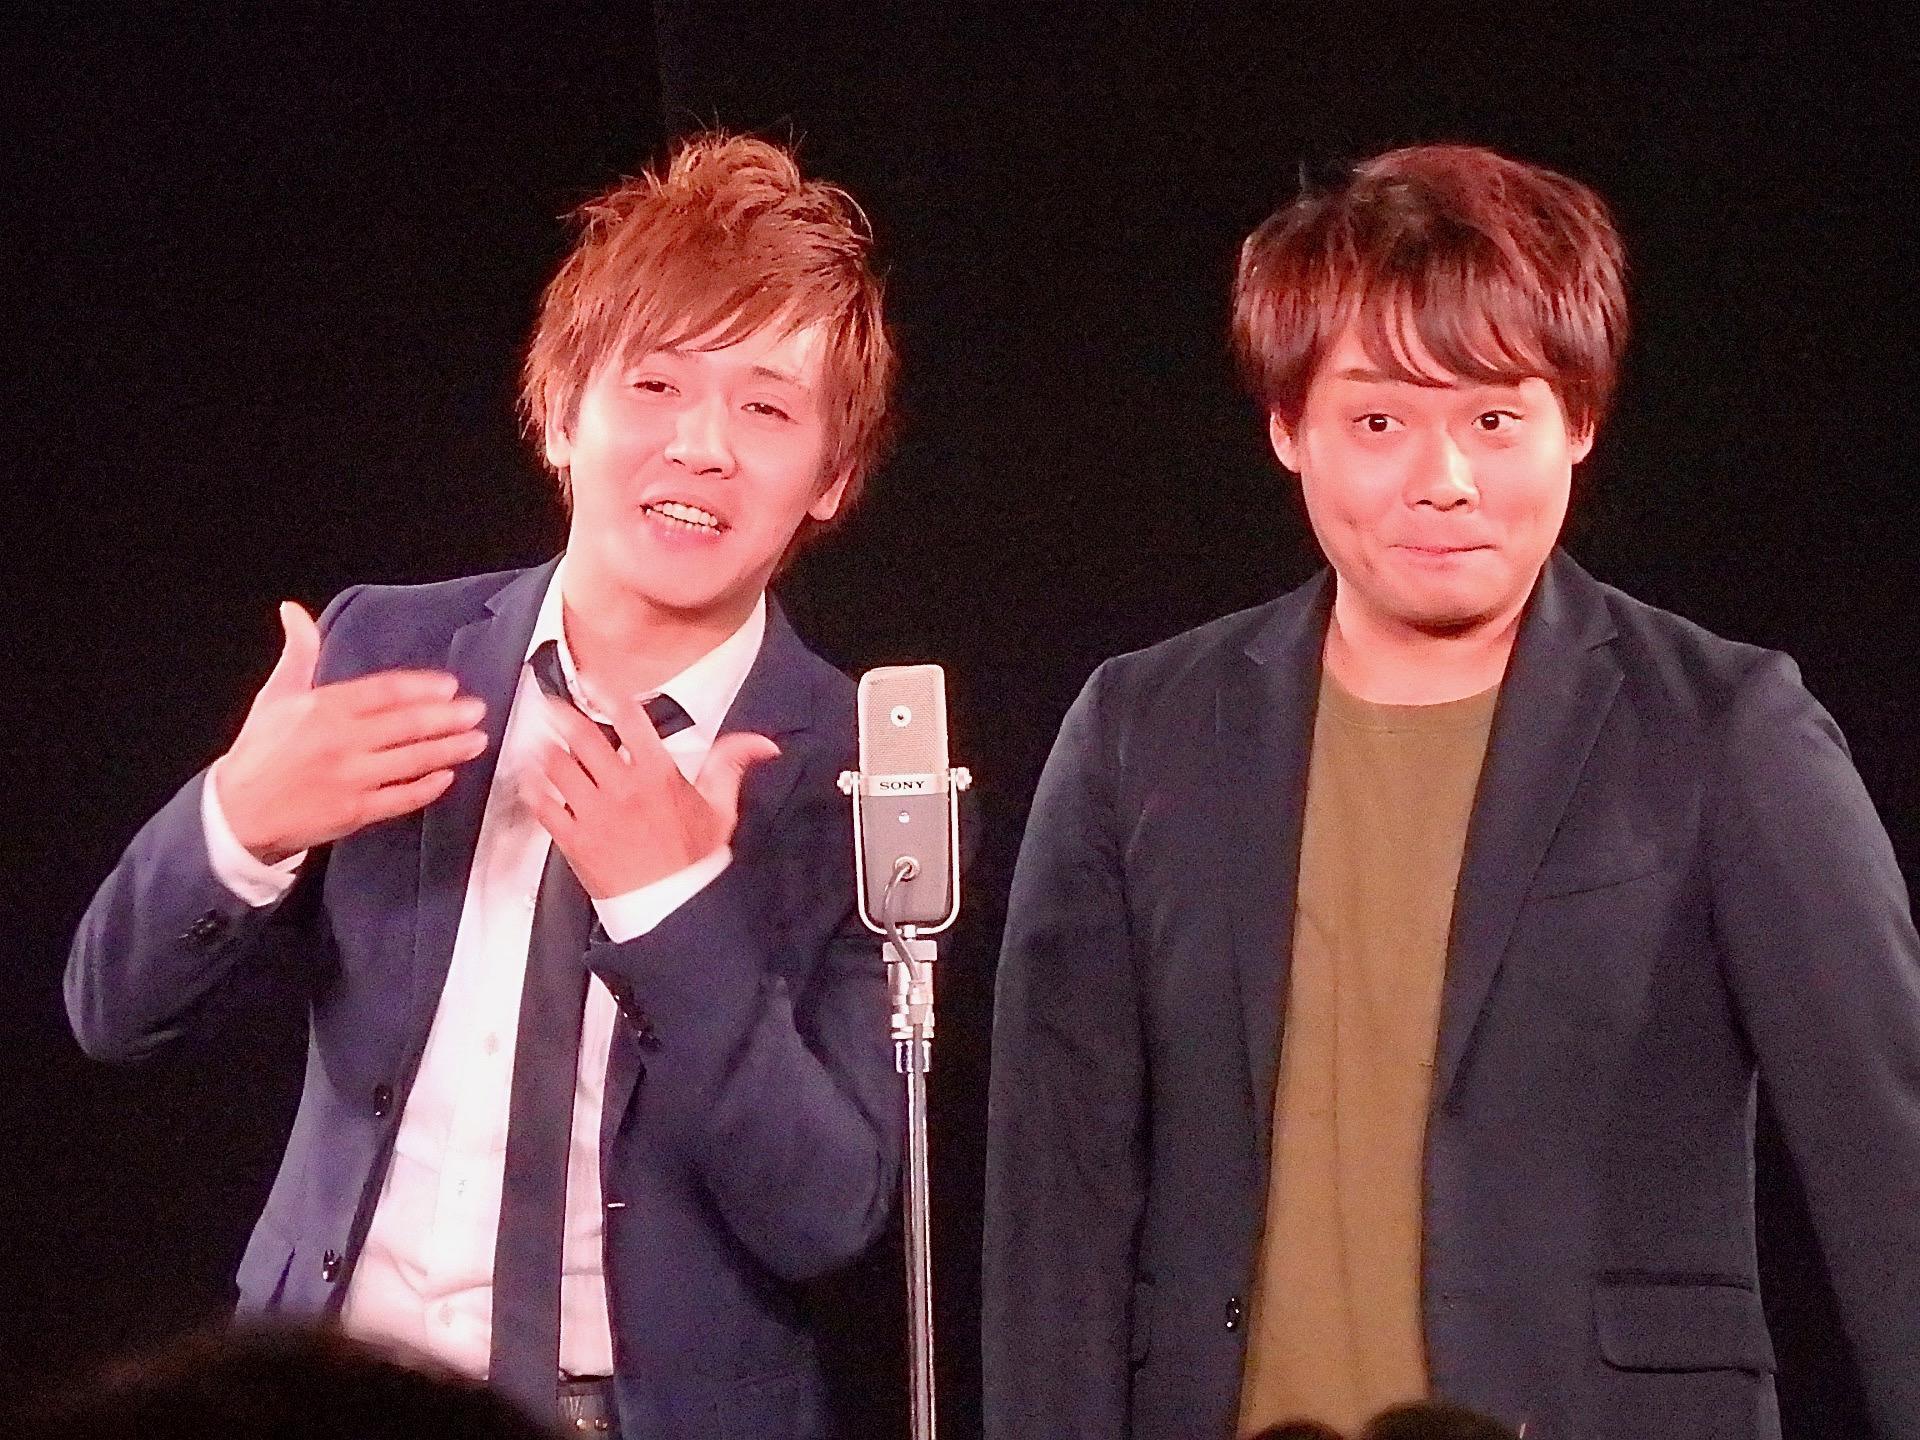 http://news.yoshimoto.co.jp/20171016142716-2fc1c15ec31c75574aa9d3383c652f62f1c4712f.jpg